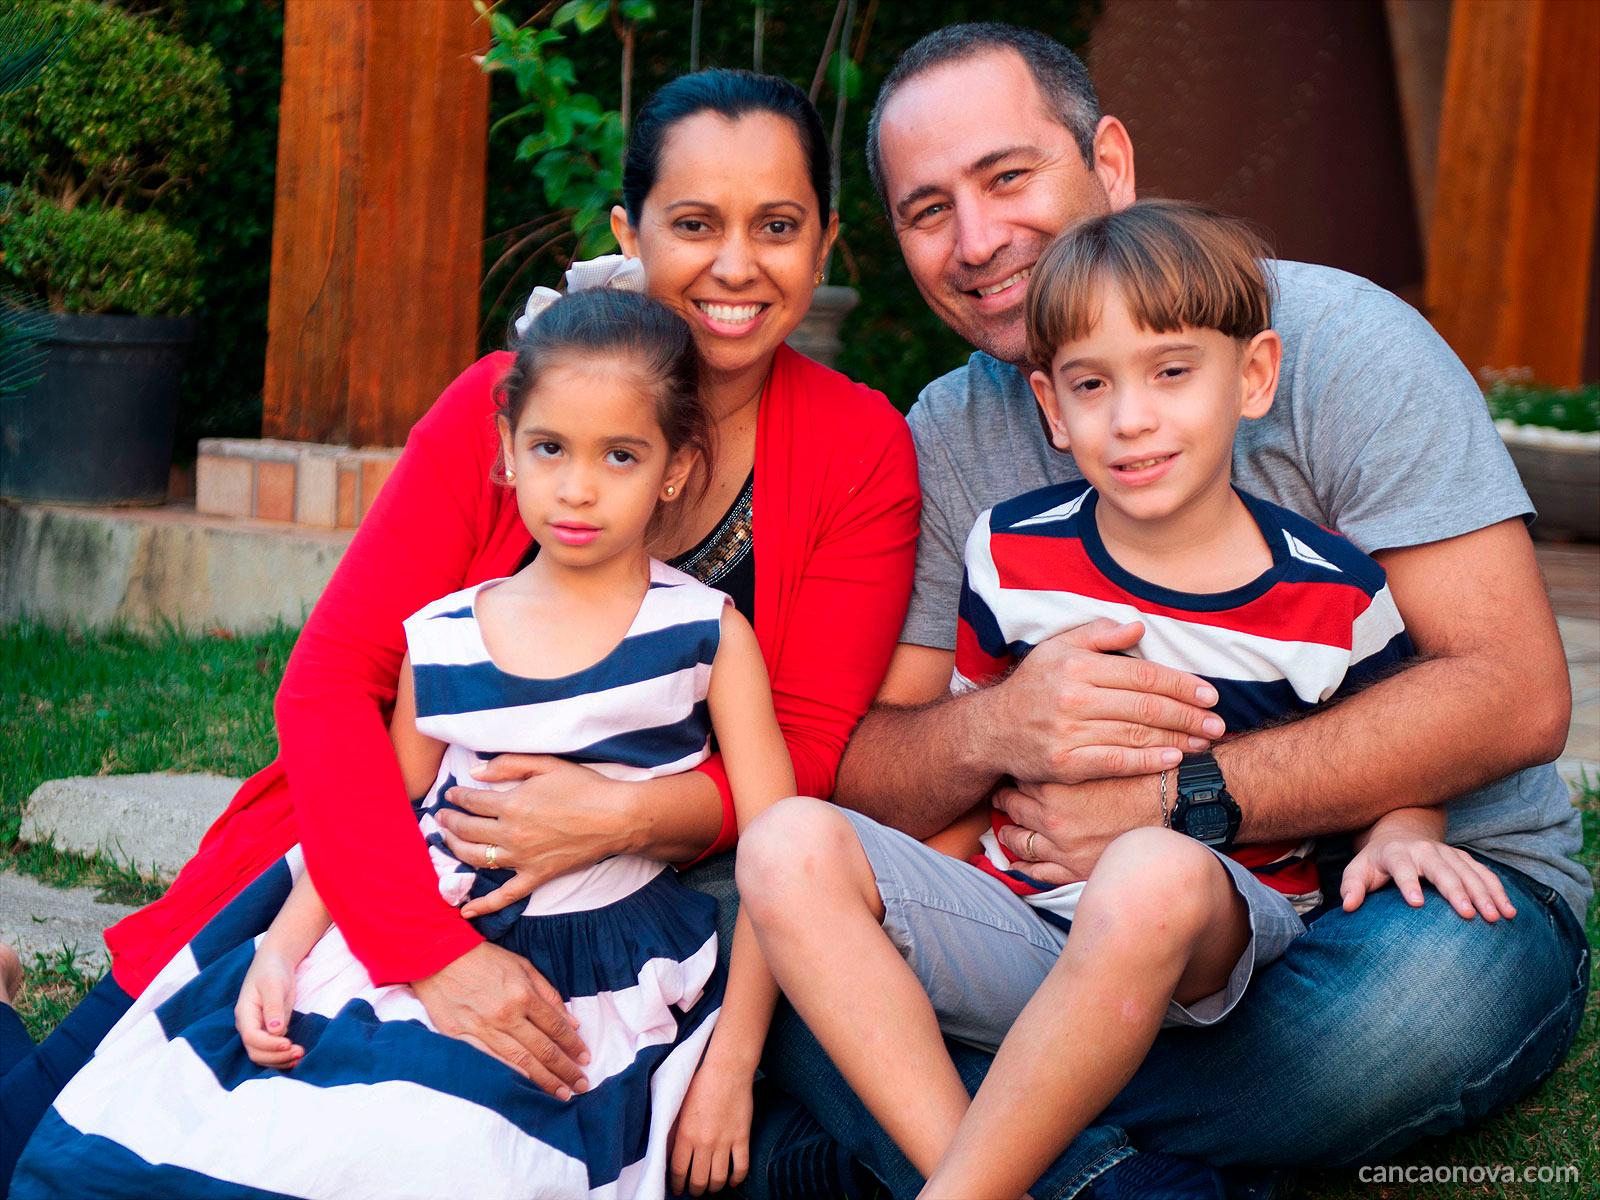 Milagres vividos na maternidade de uma UTI Neonatal